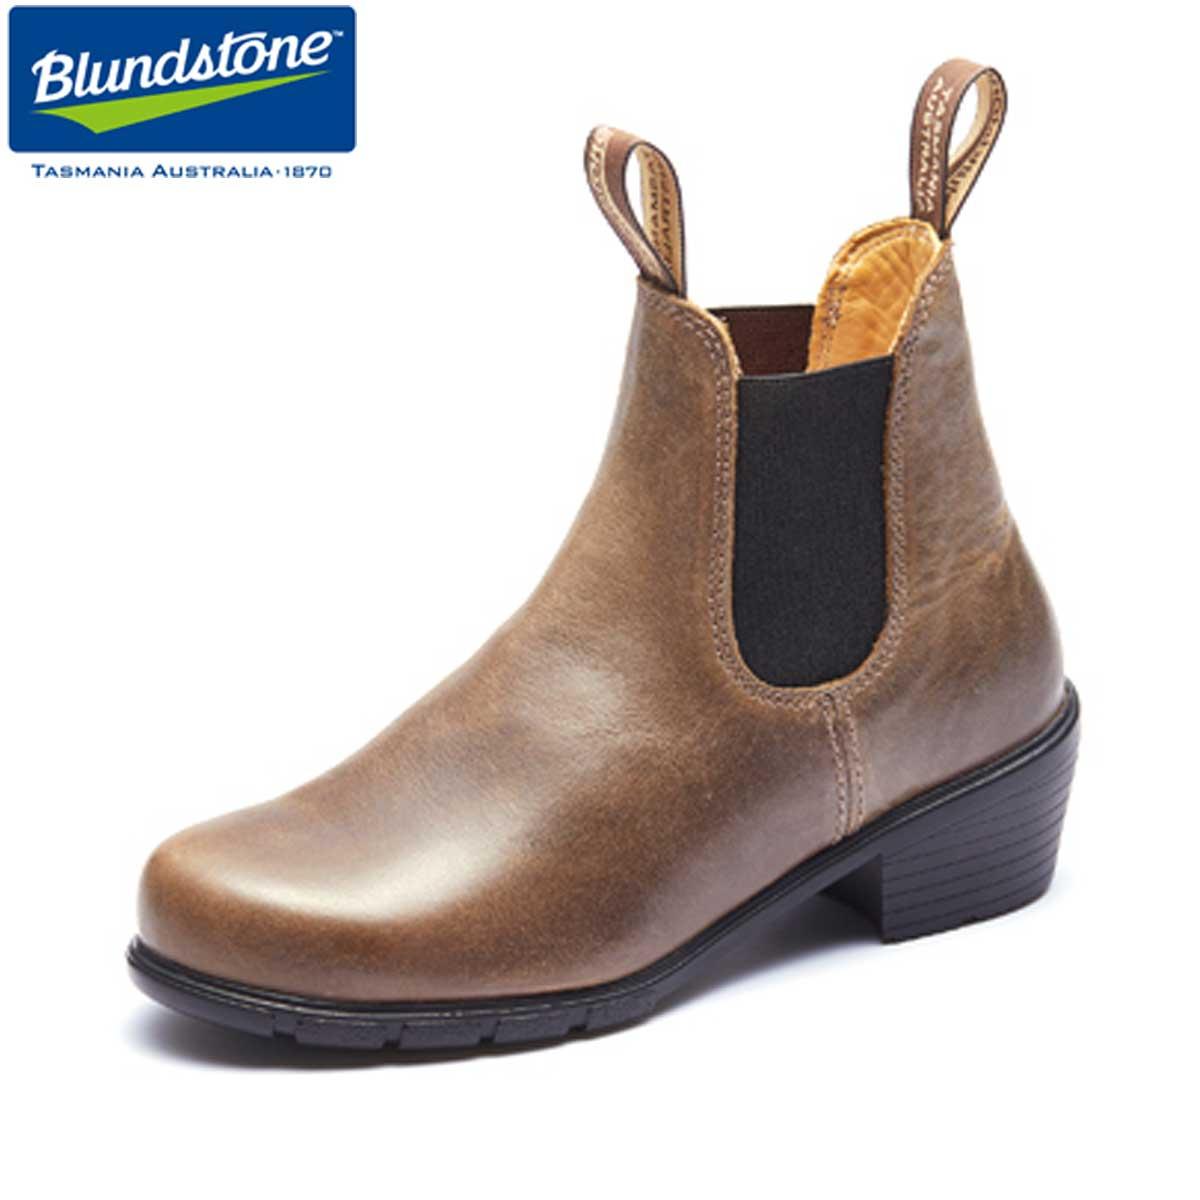 ブランドストーン Blundstone BS1673 251 (レディース) アンティークブラウン 「靴」